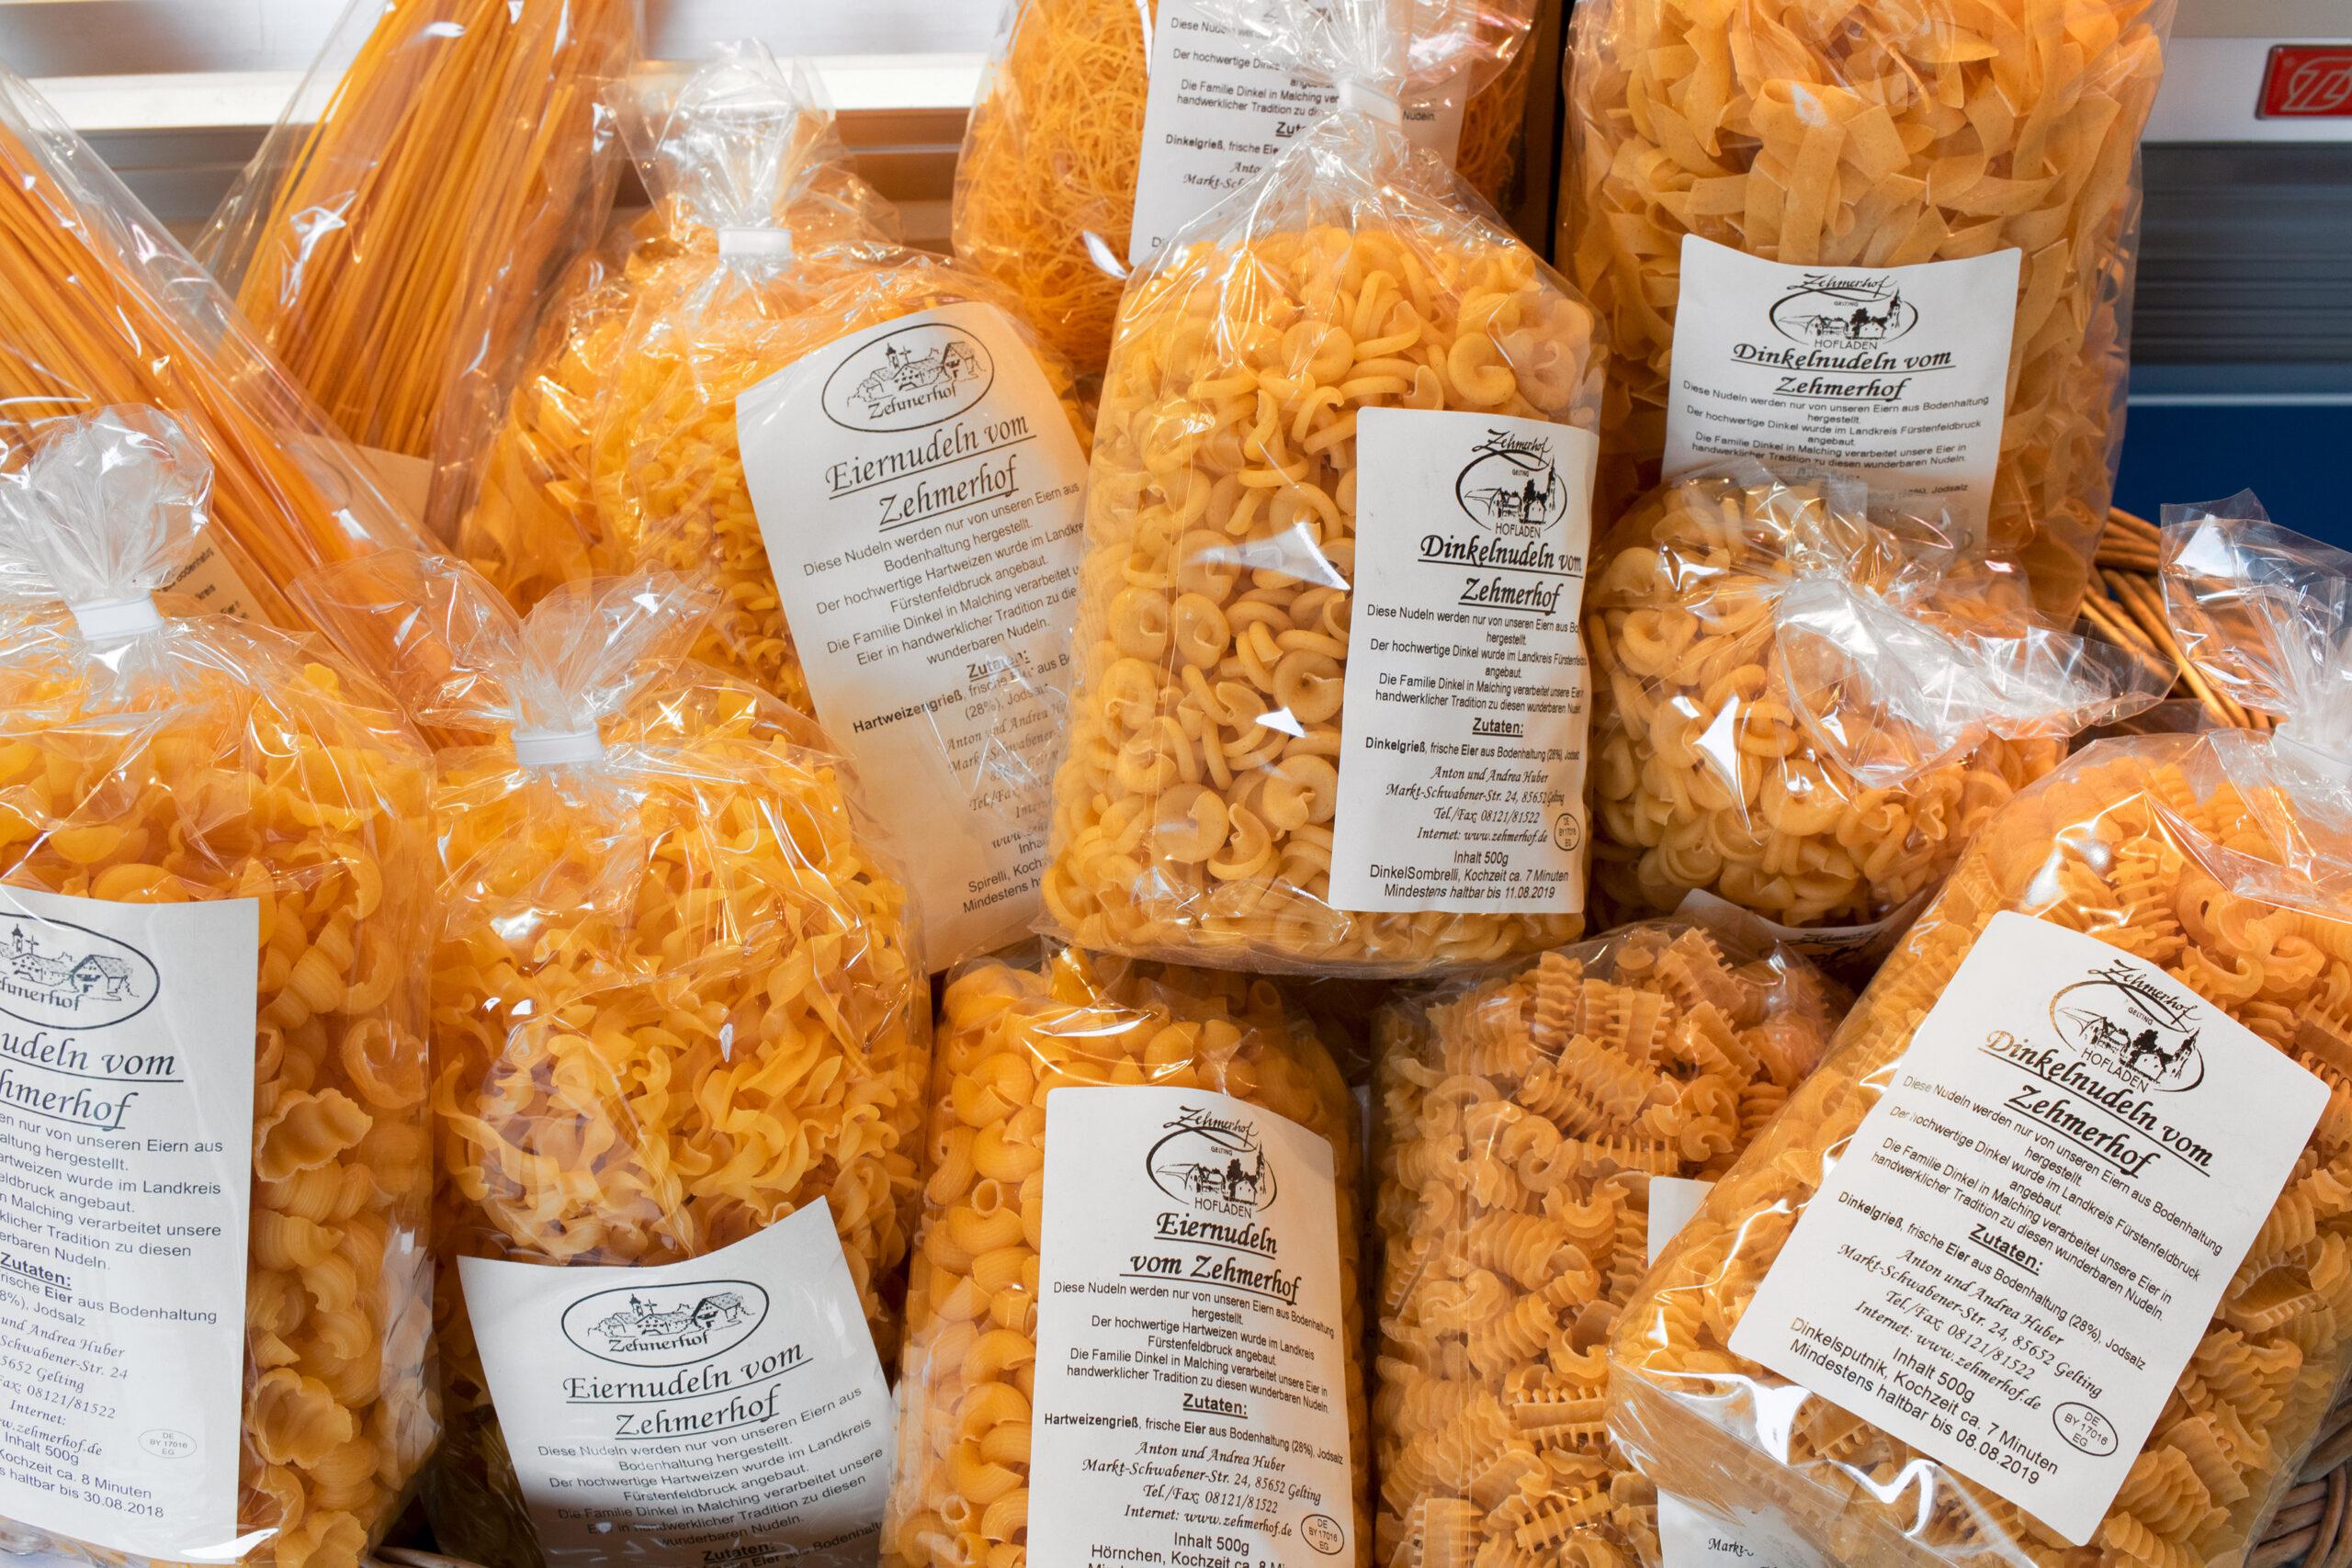 Isener Bauernmarkt Angebotsübersicht Nudeln